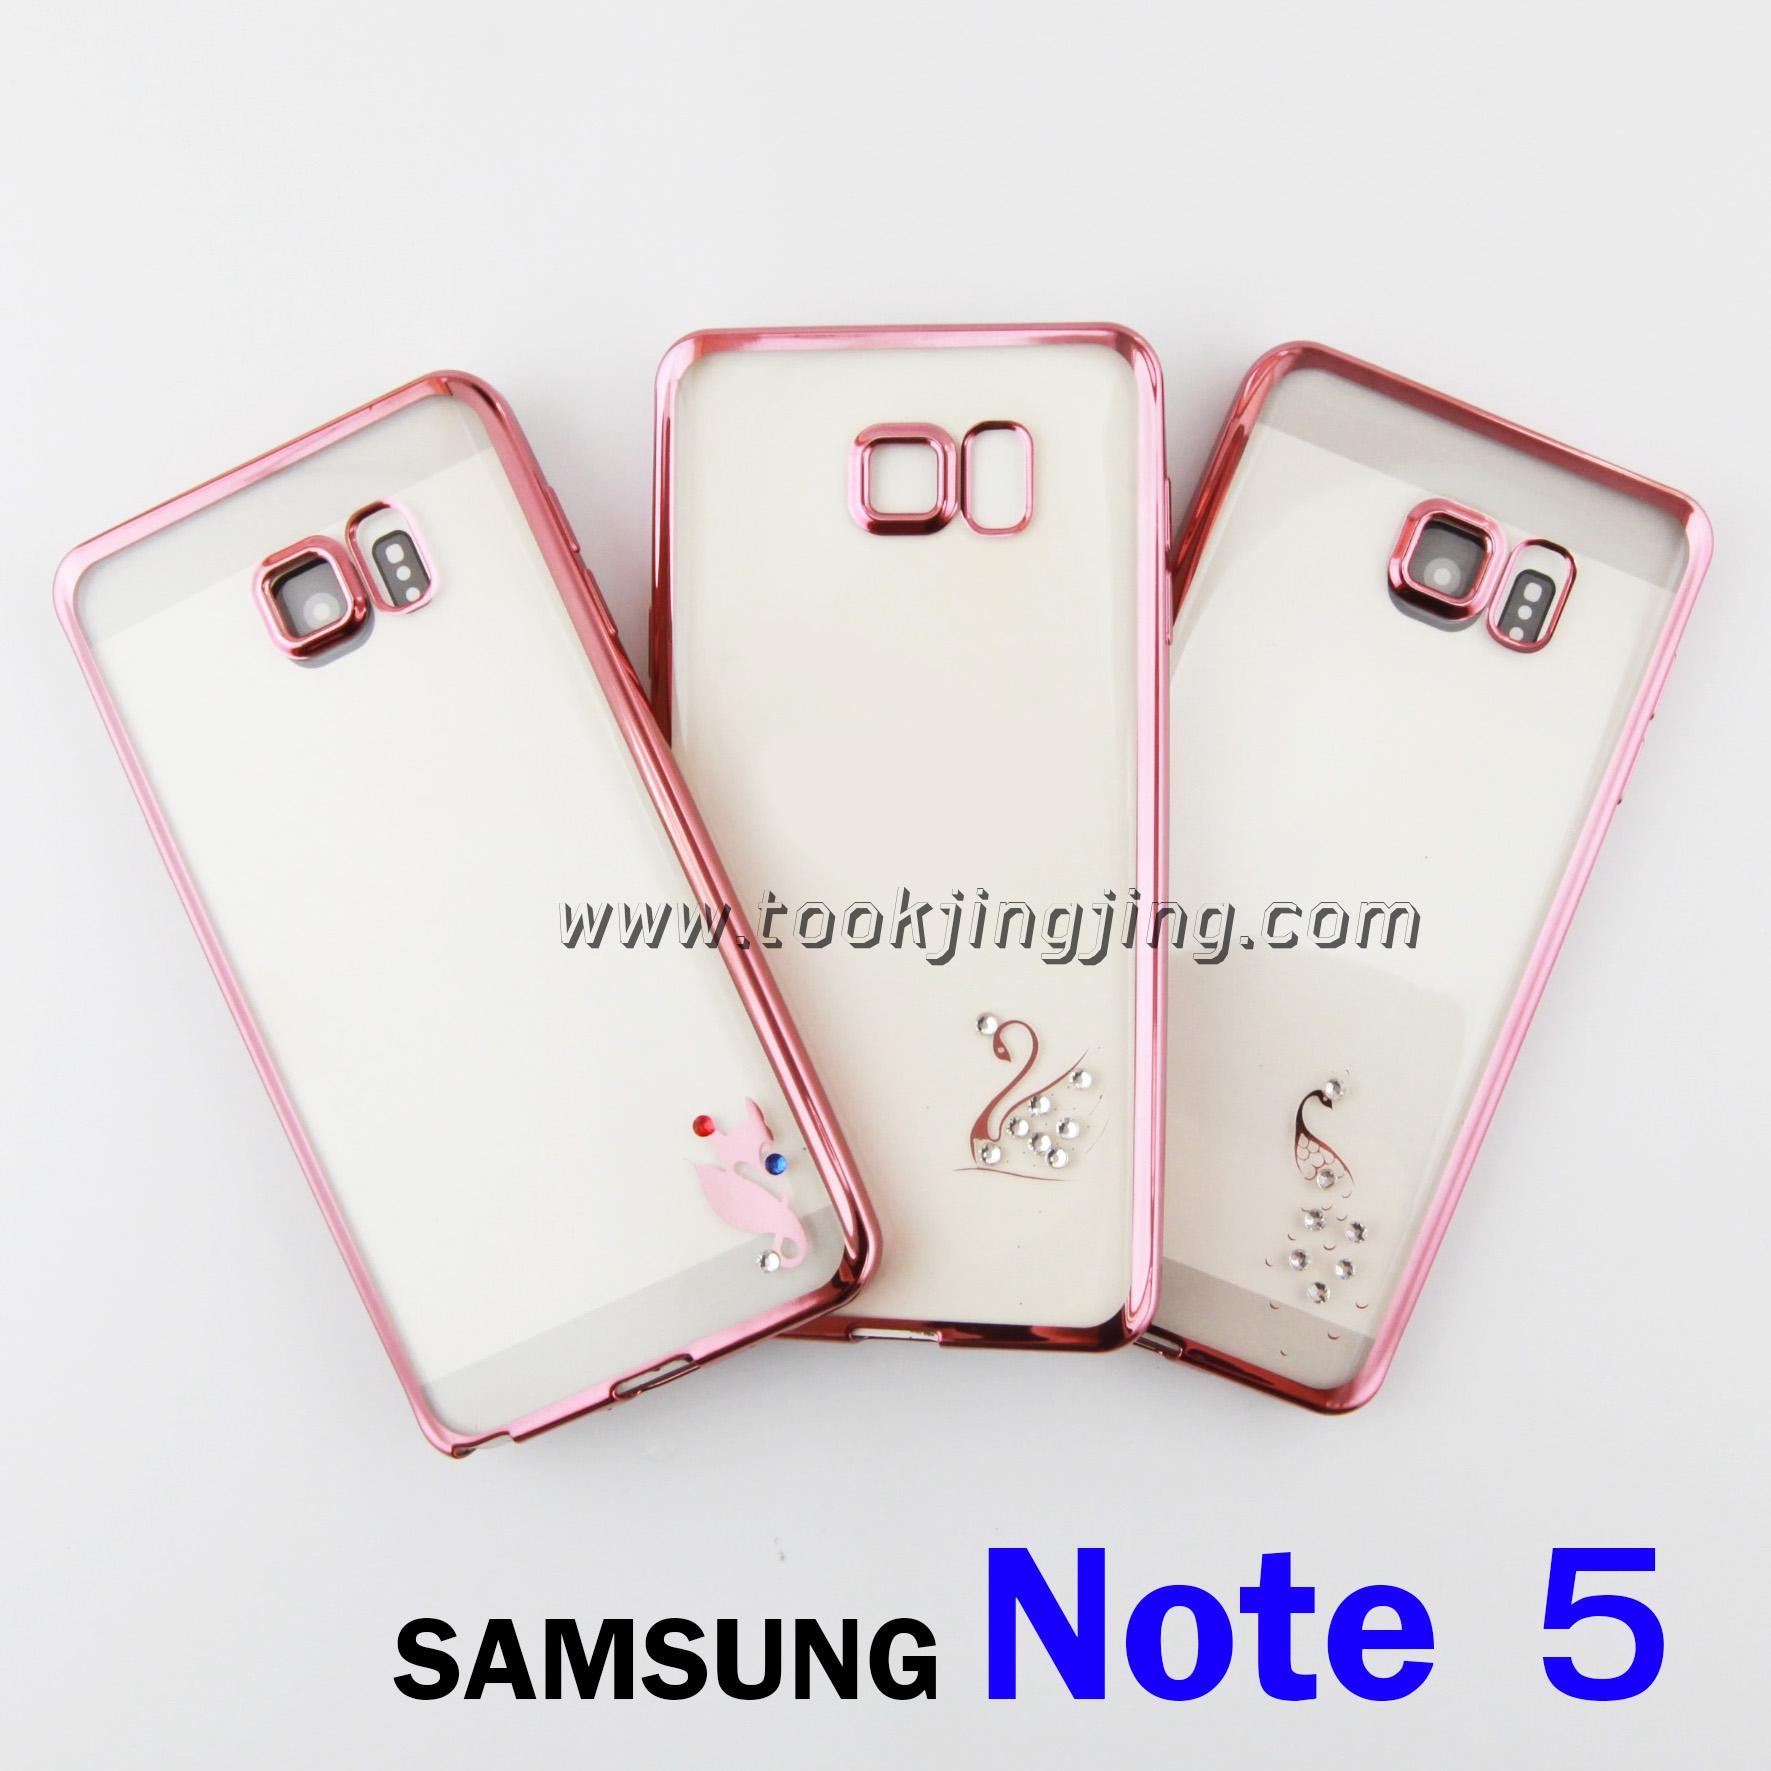 เคส ซิลิโคนใส Samsung Note 5 CADENZ ลดเหลือ 50 บาท ปกติ 300 บาท